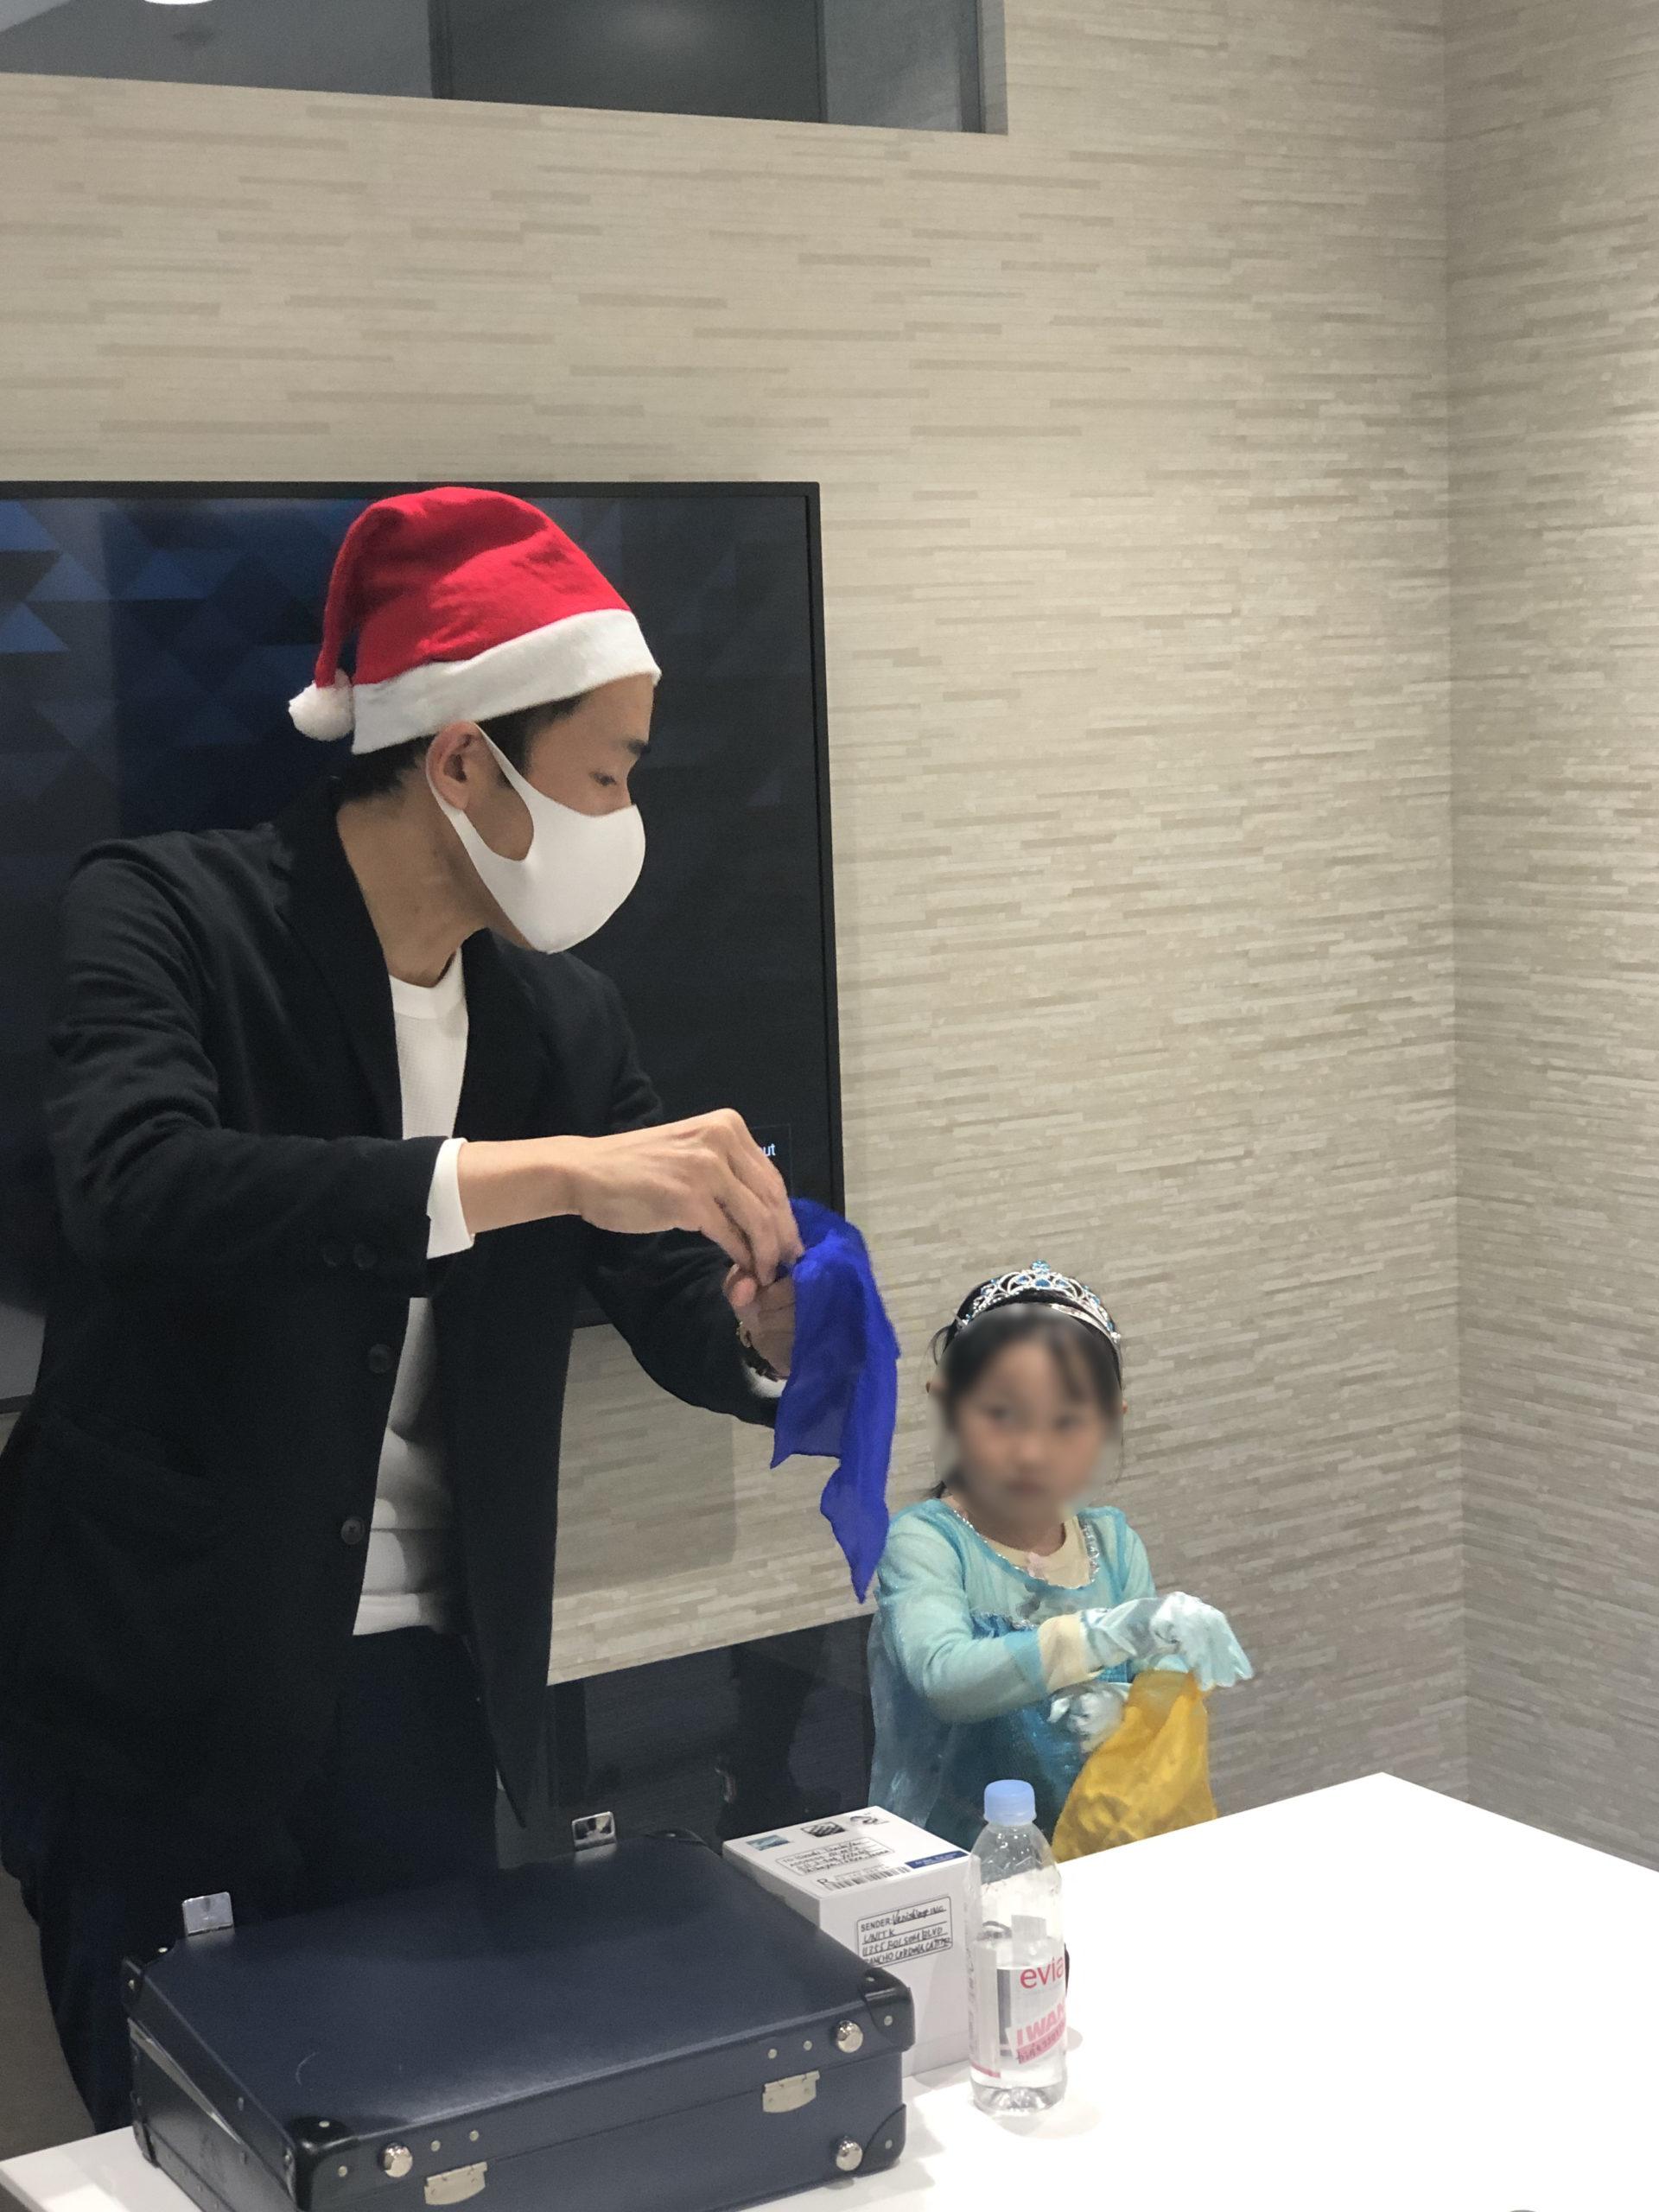 シルク 子供向け 企業のファミリークリスマスパーティーでマジシャンのマジックショー 東京都千代田区